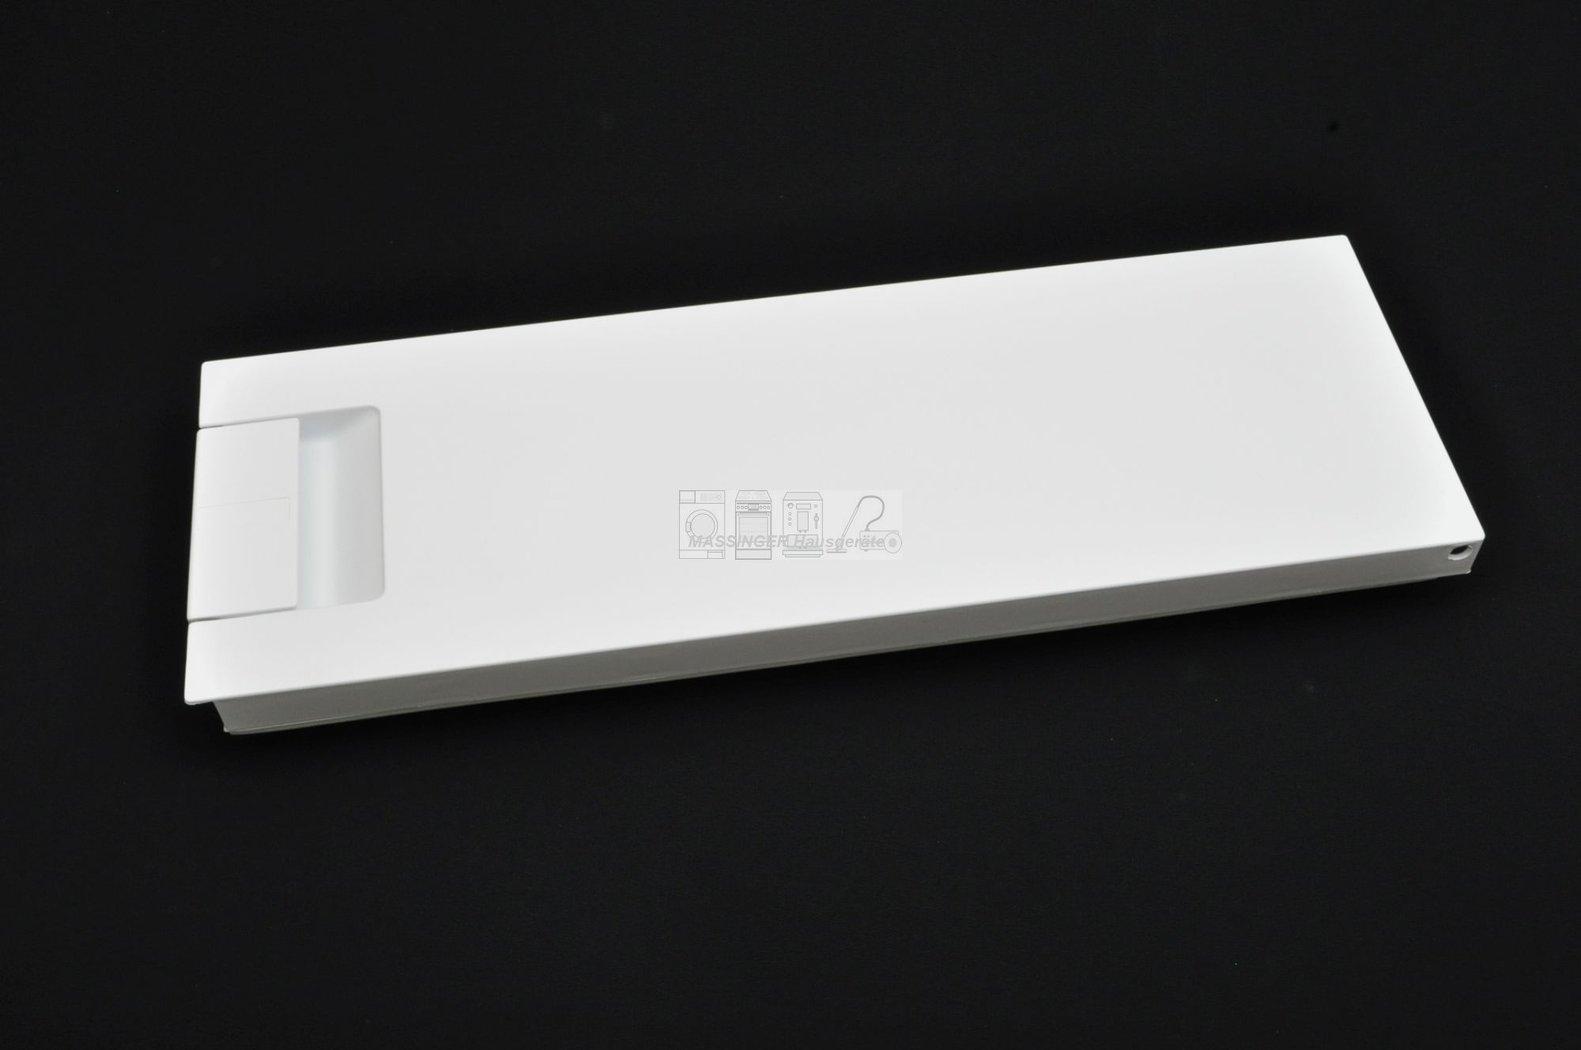 Siemens Kühlschrank Ersatzteile Gefrierfachtür : Bosch siemens neff gefrierfach türe klappe verdampfer 00350923